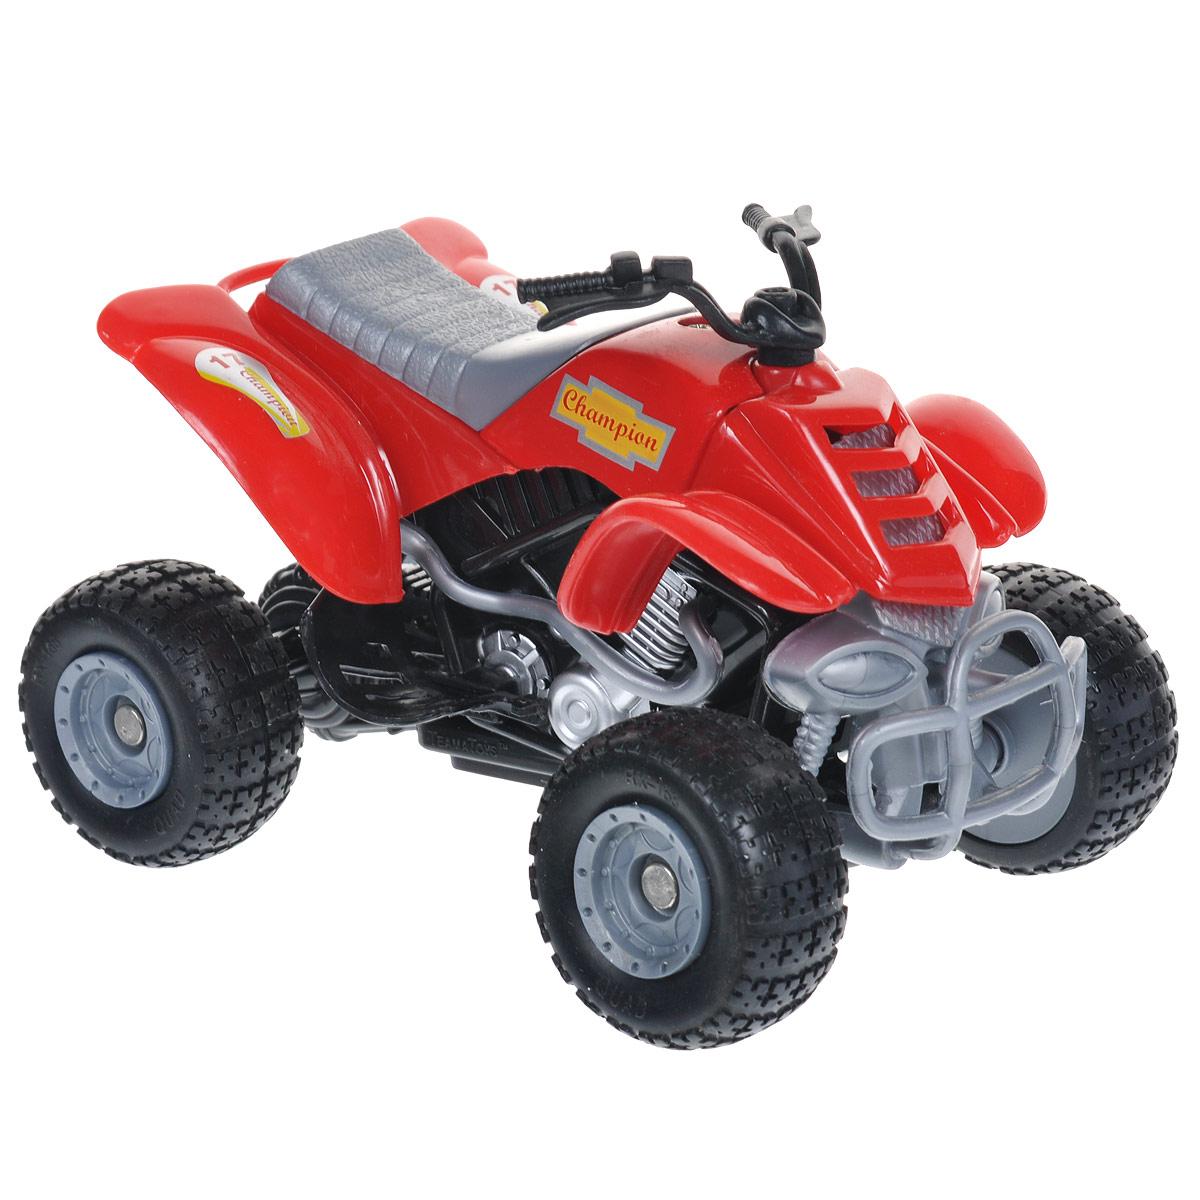 Autotime Коллекционная модель  Мотоцикл Quadrobike Monster , цвет: красный -  Электромобили